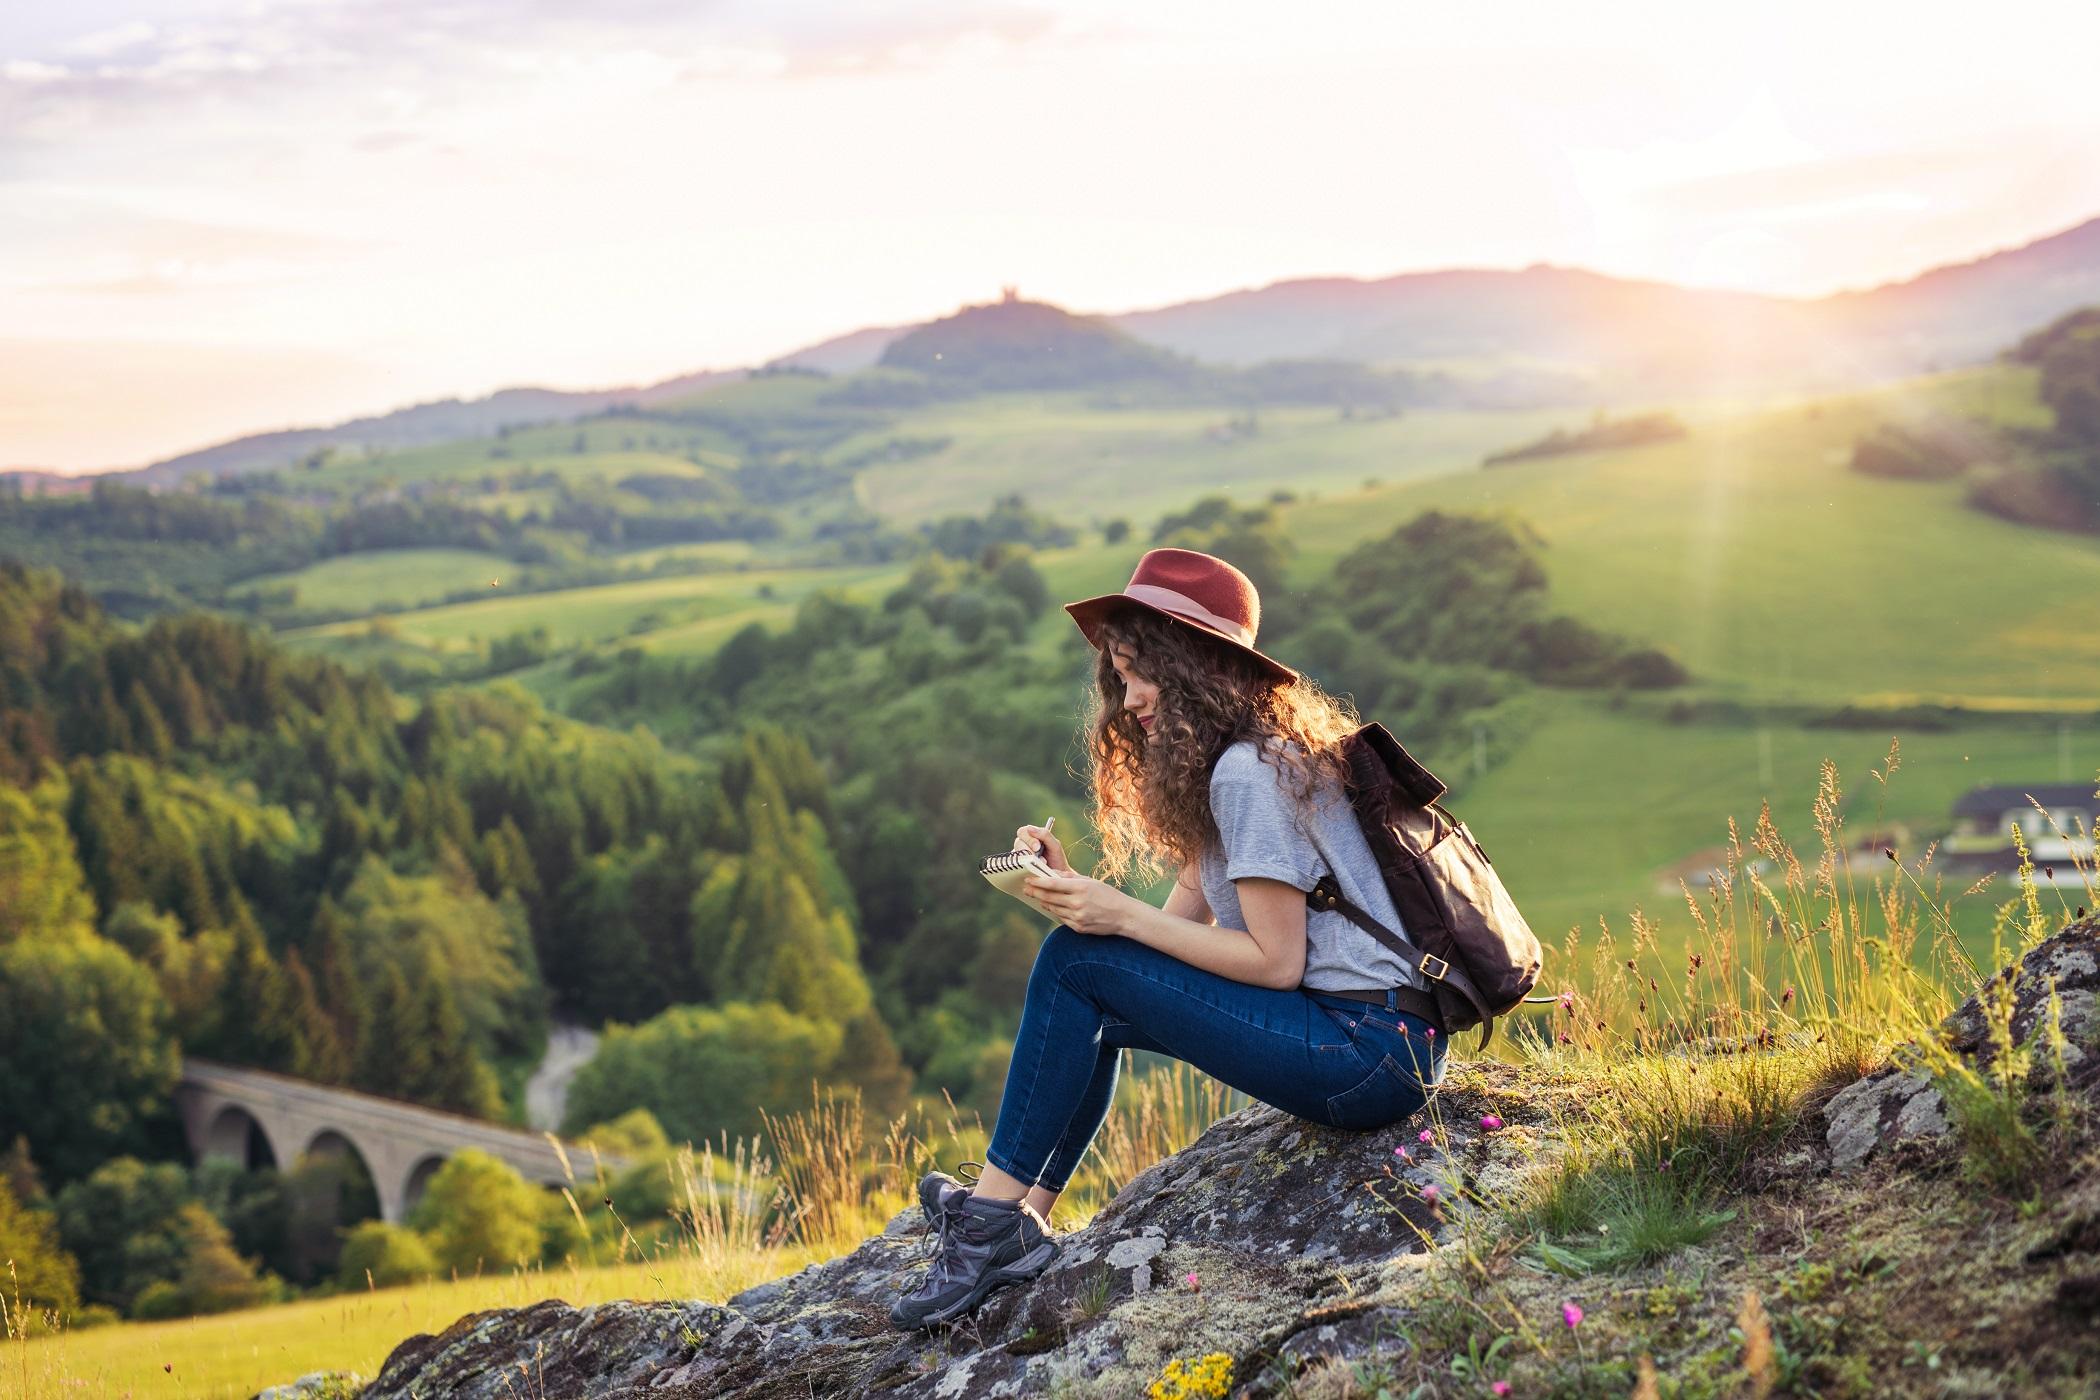 Comment écrire une bonne écriture sur votre voyage